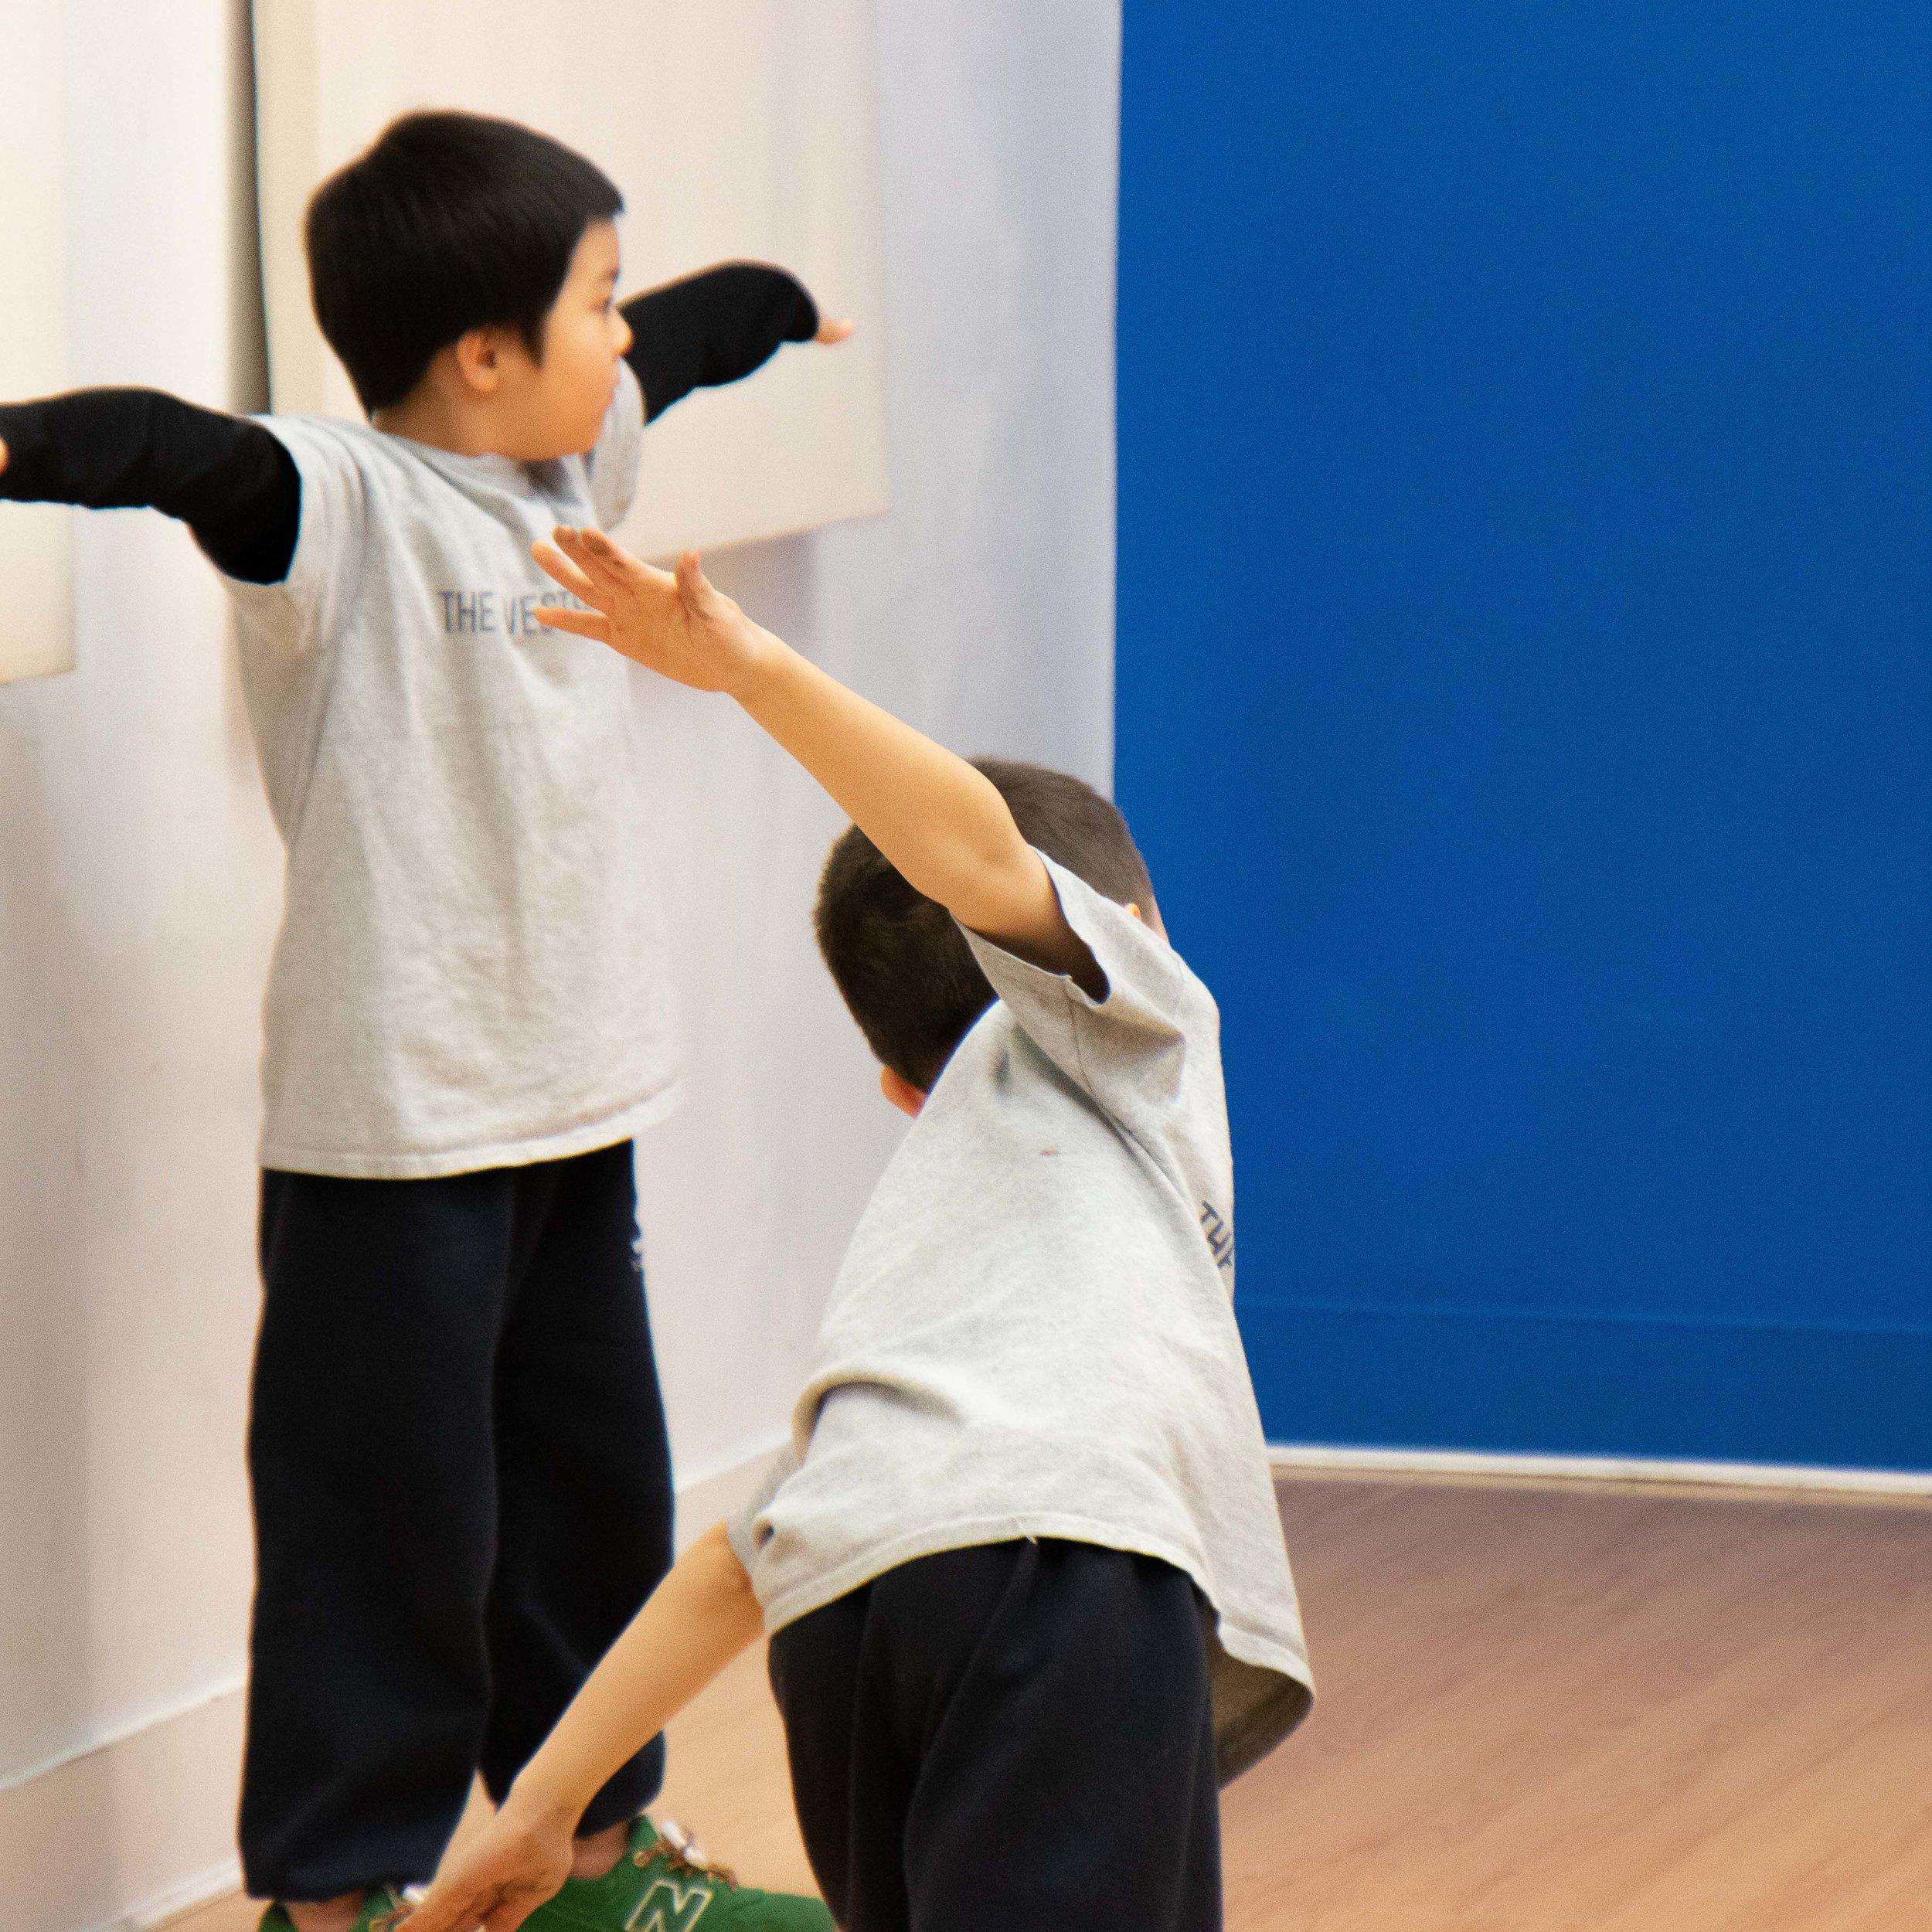 social_Karate-FYP_MG_9939.jpg